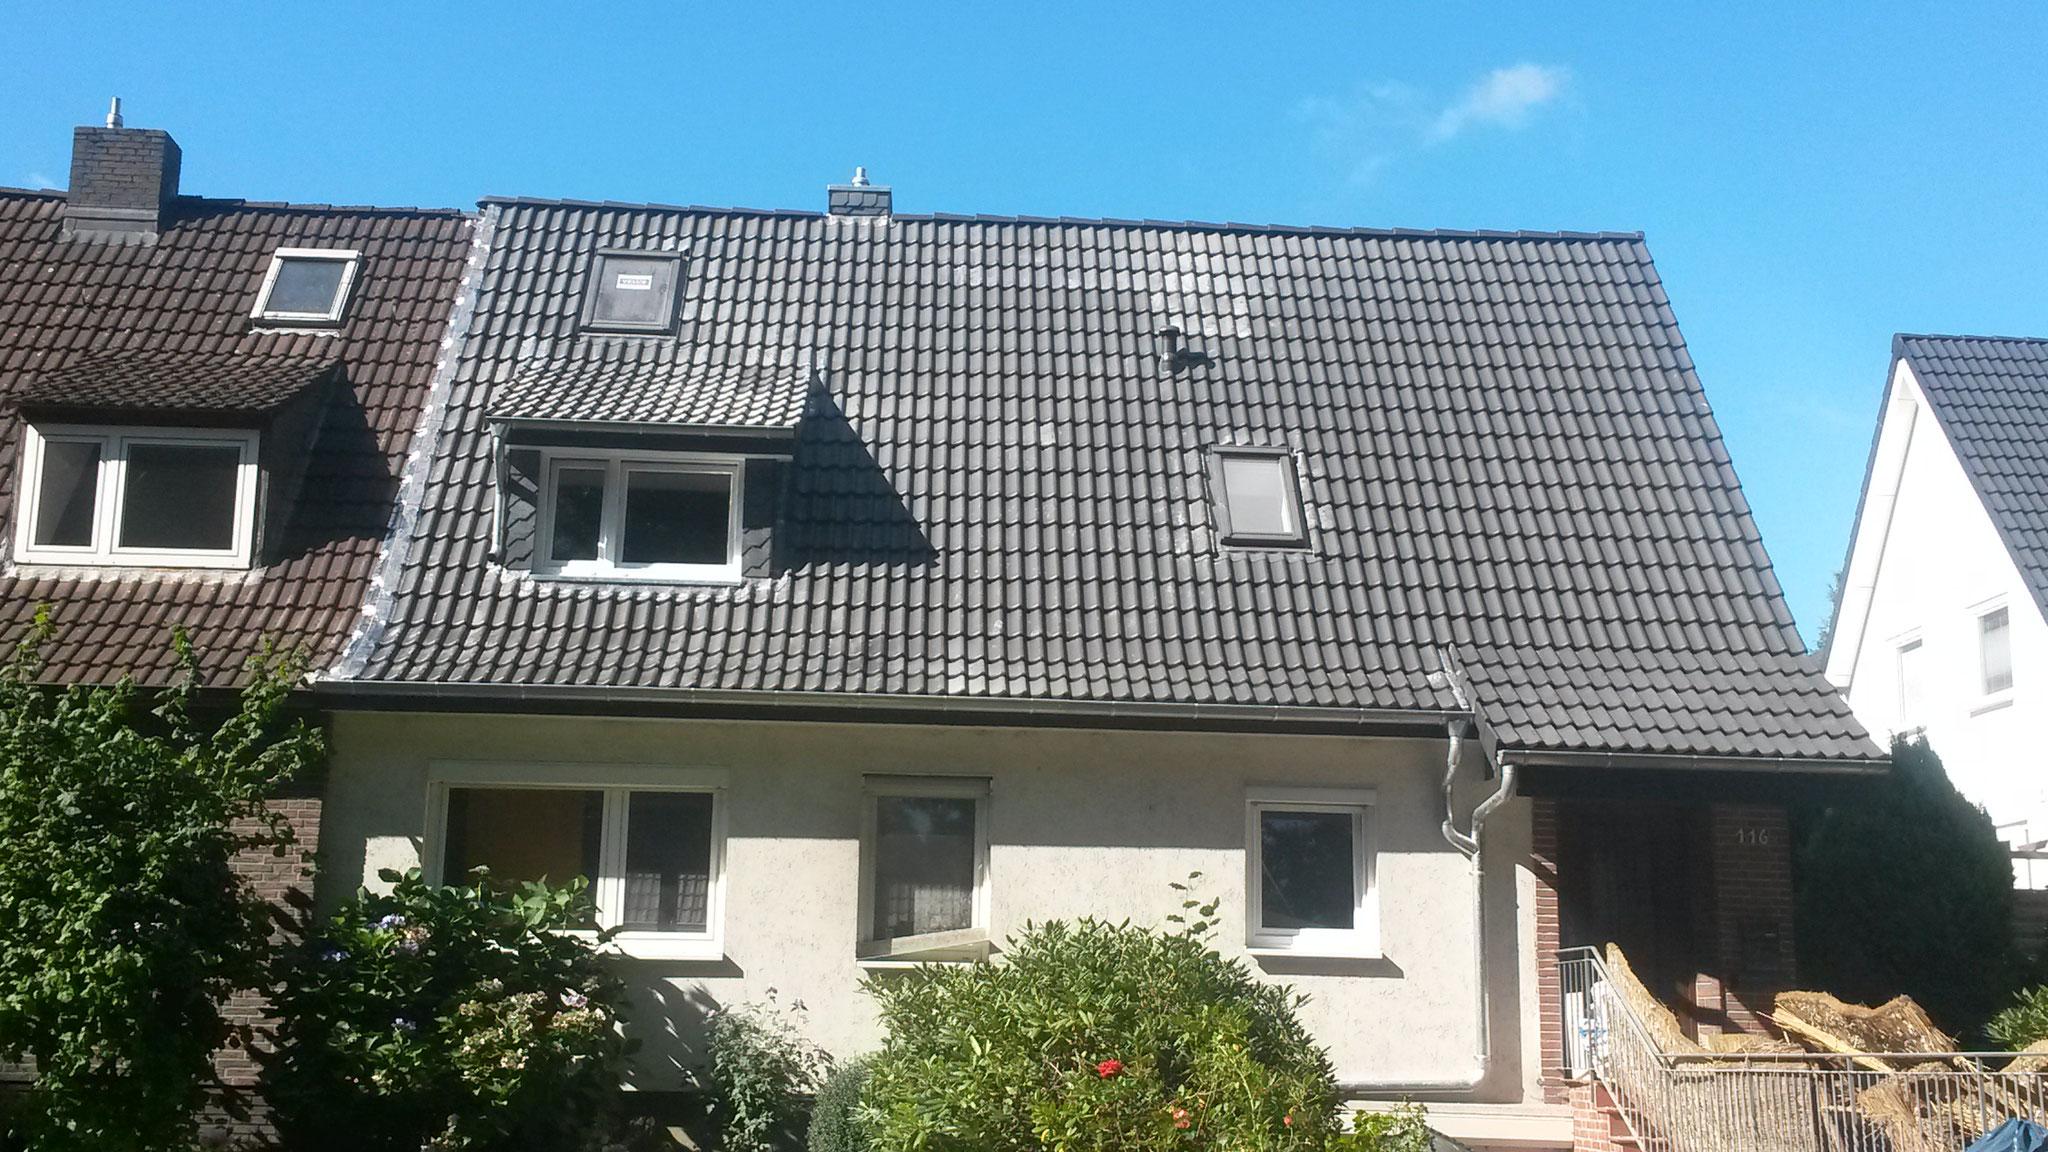 Dacheindeckung mit Betondachstein - Braas Doppel S, granit